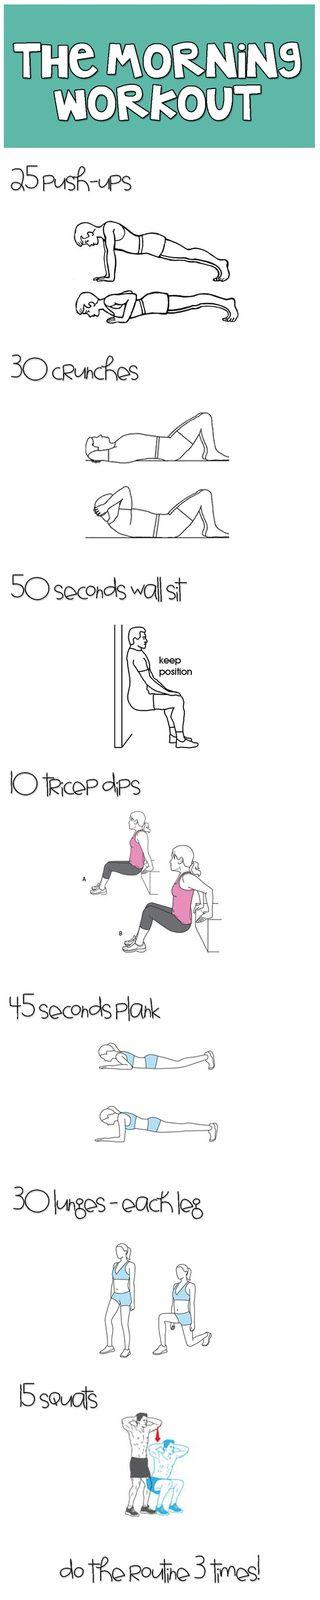 Good Morning Workout